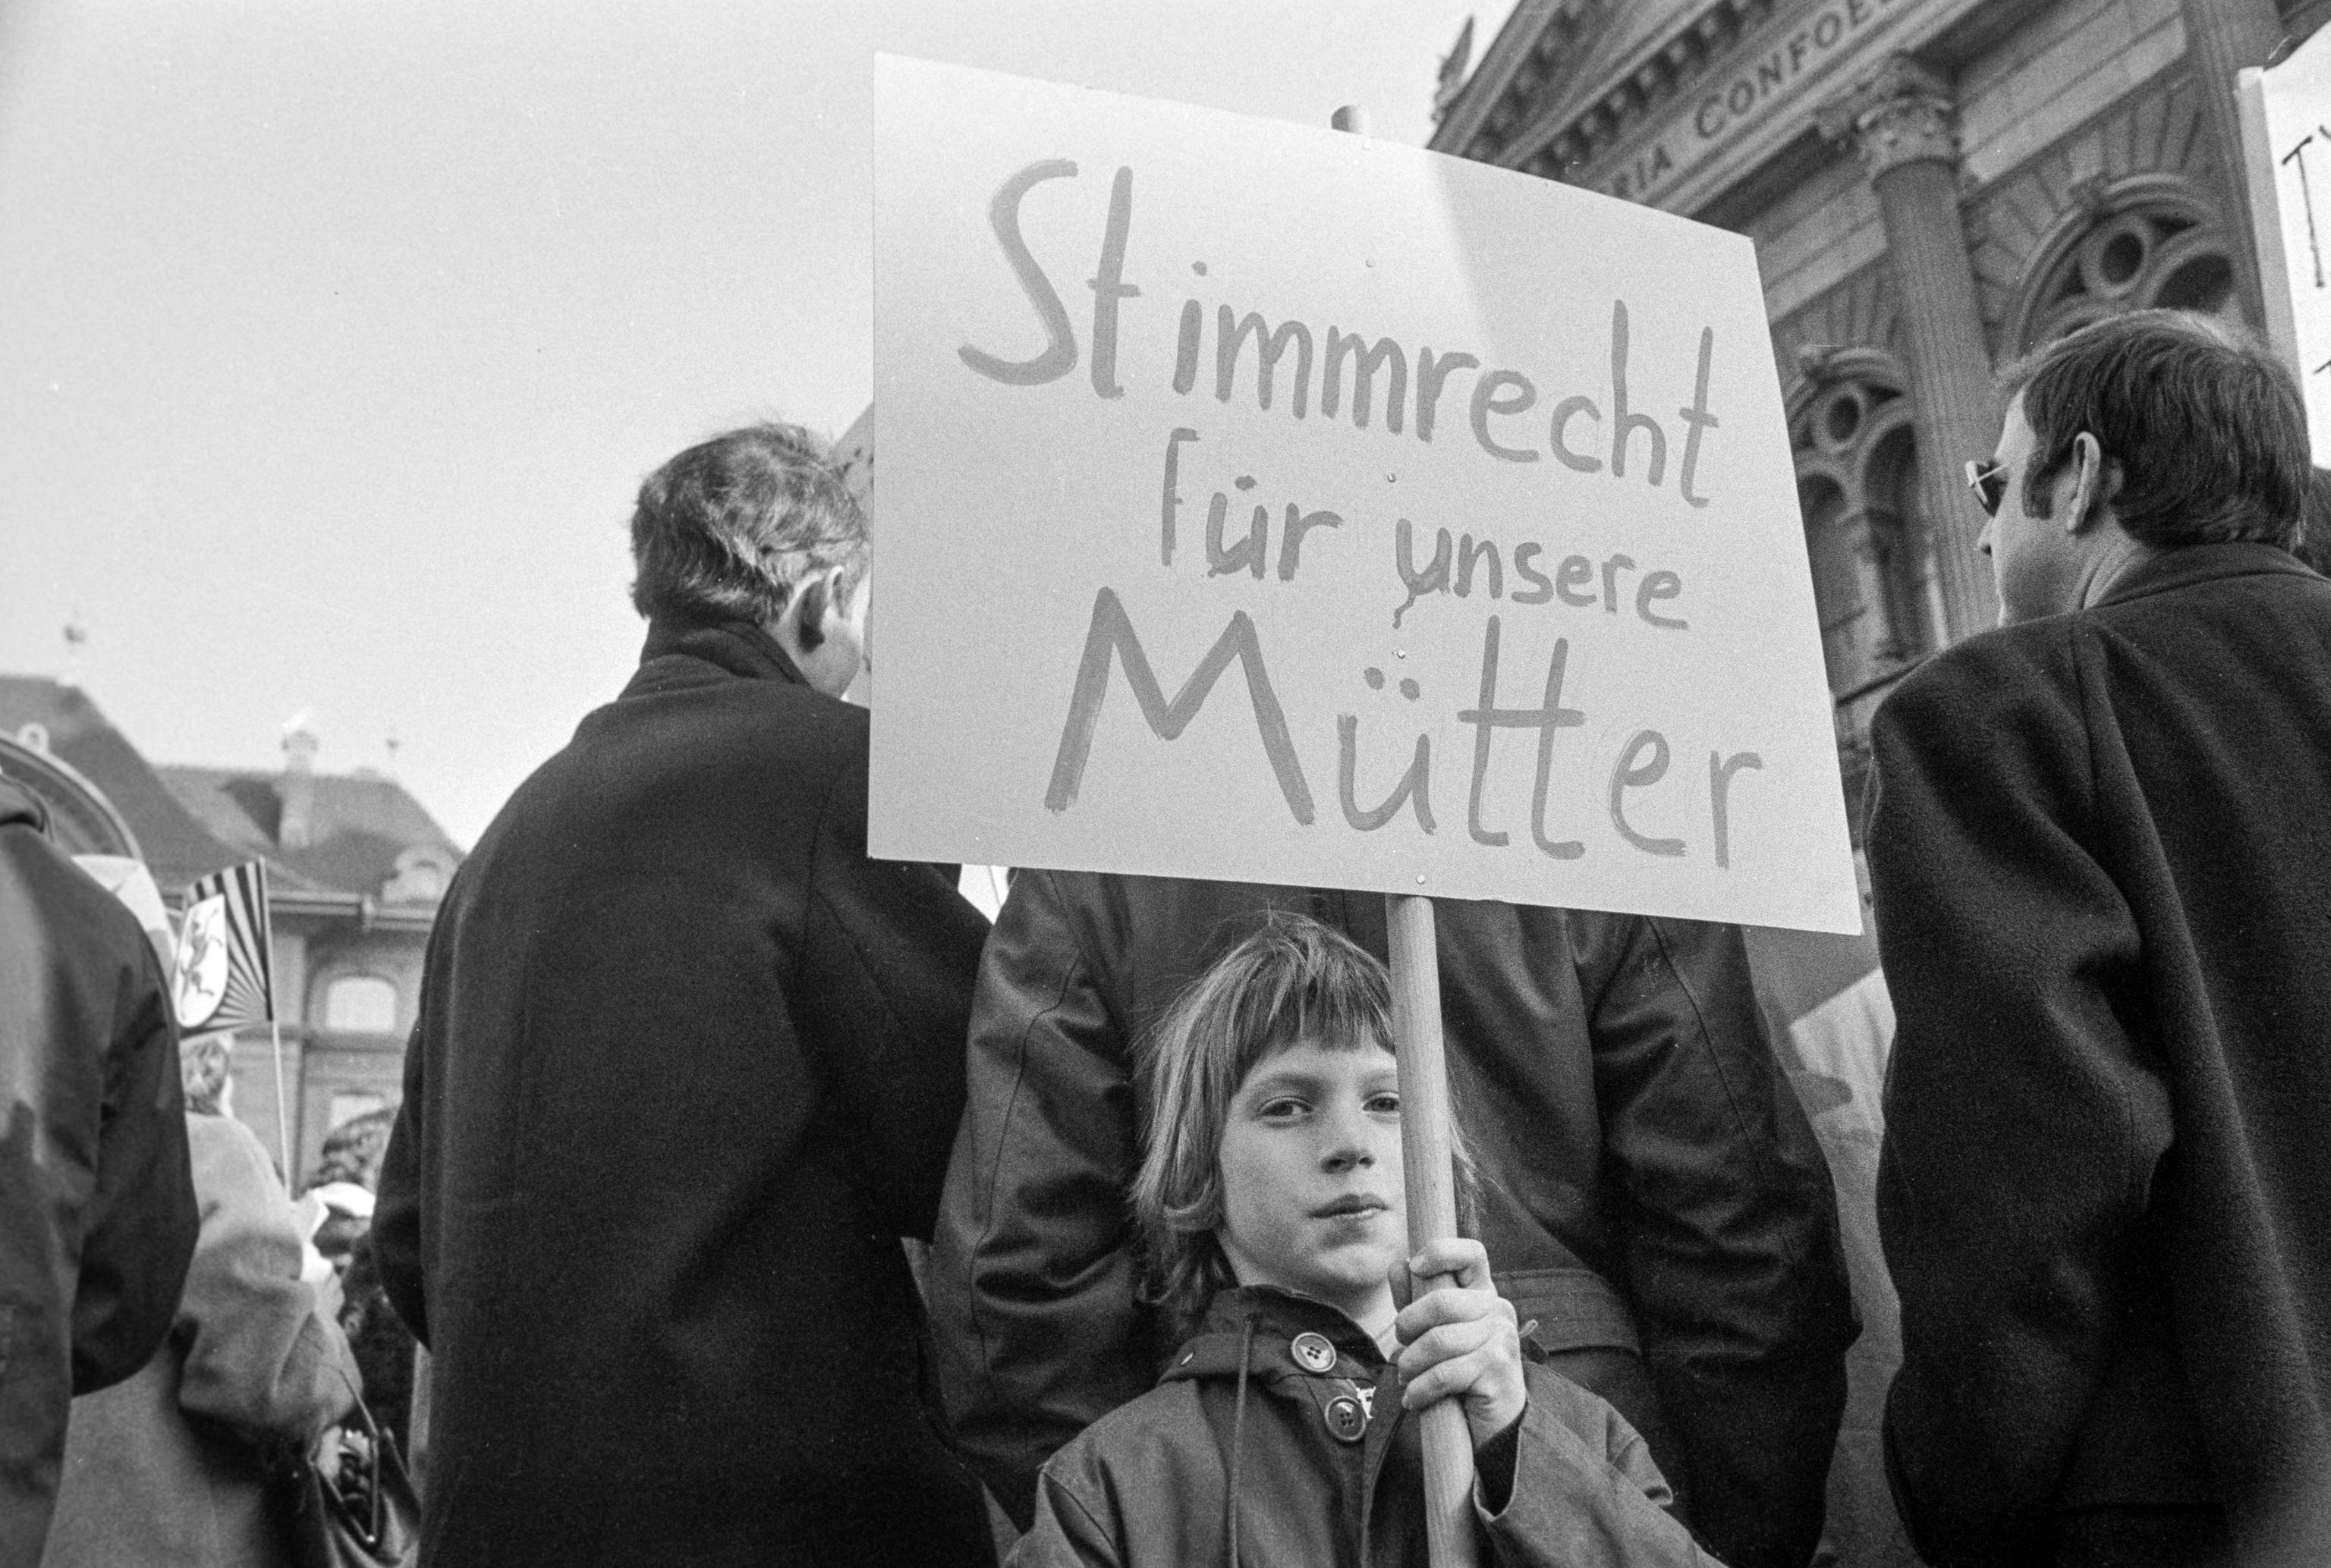 «Stimmrecht für unsere Mütter»: Am 1. März 1969 beteiligten sich über 5000 Frauen und Männer am «Marsch auf Bern», um für das Frauenstimmrecht zu demonstrieren. (Bild Joe Widmer/Keystone)